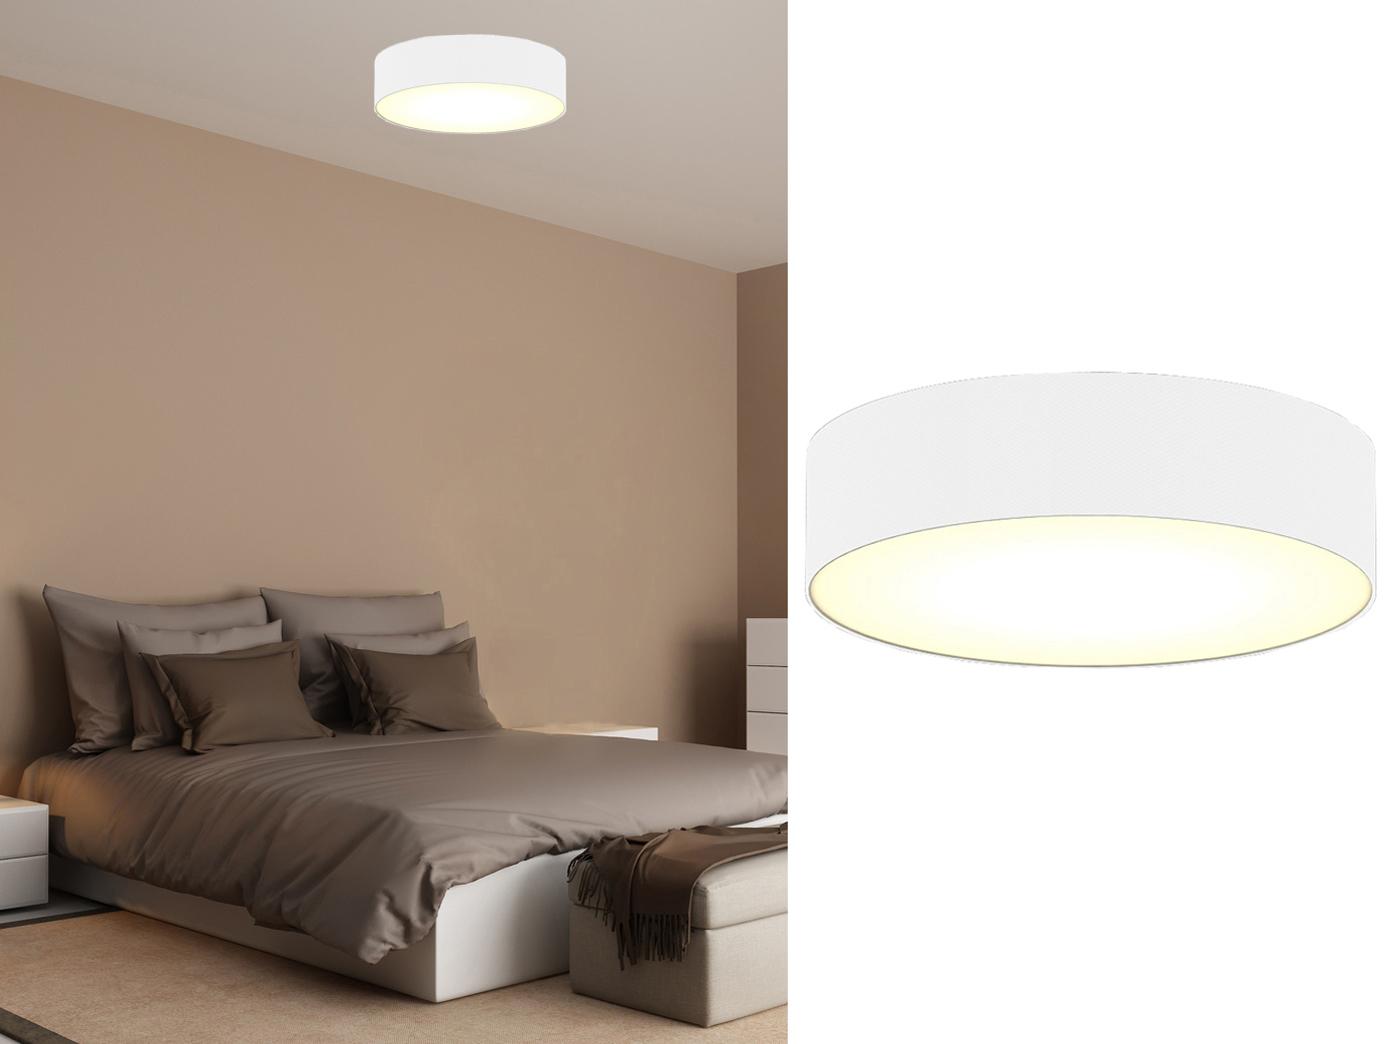 Techo moderna iluminación sustancia paraguas alrededor blanco de Ø ...